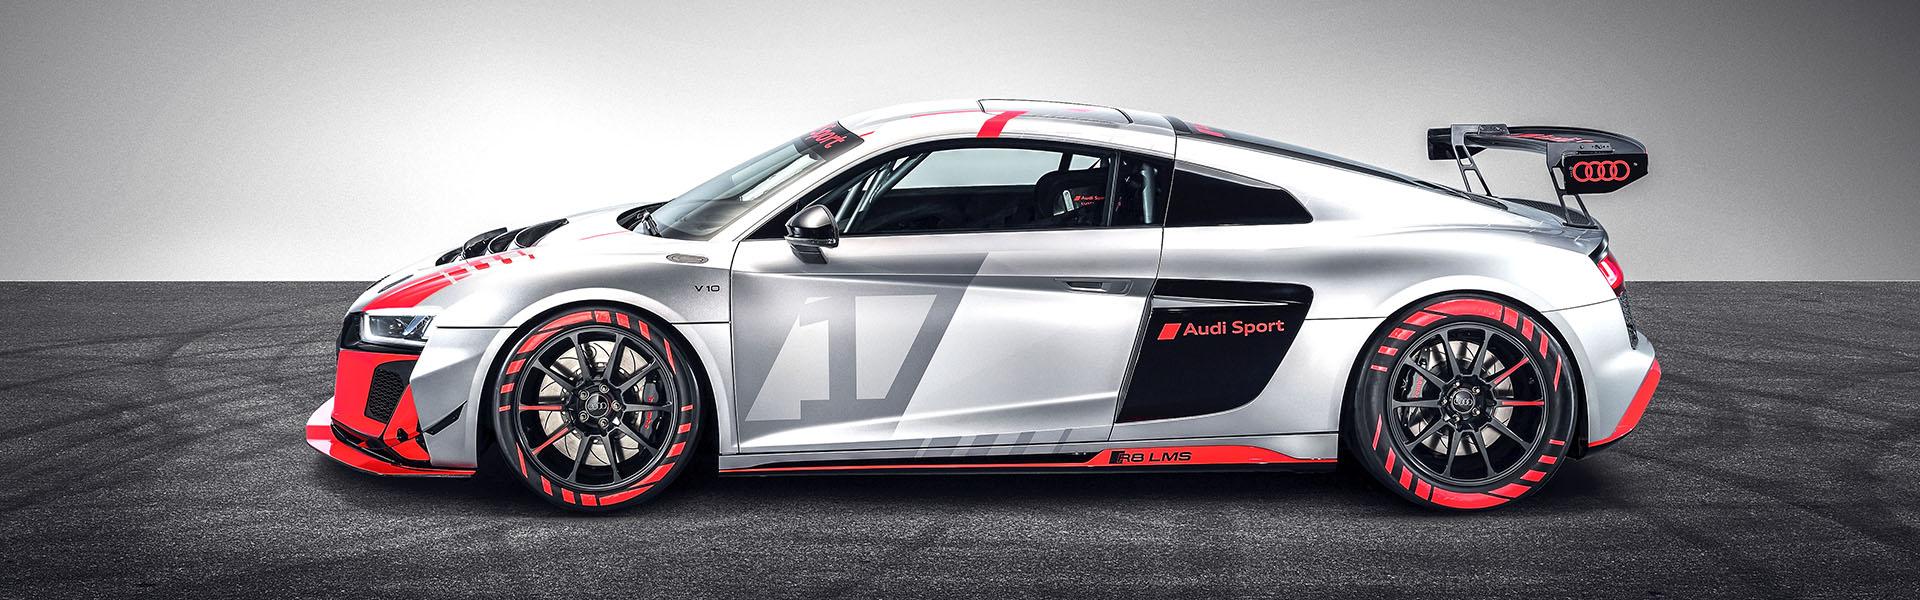 Kelebihan Audi R8 Lms Gt4 Murah Berkualitas